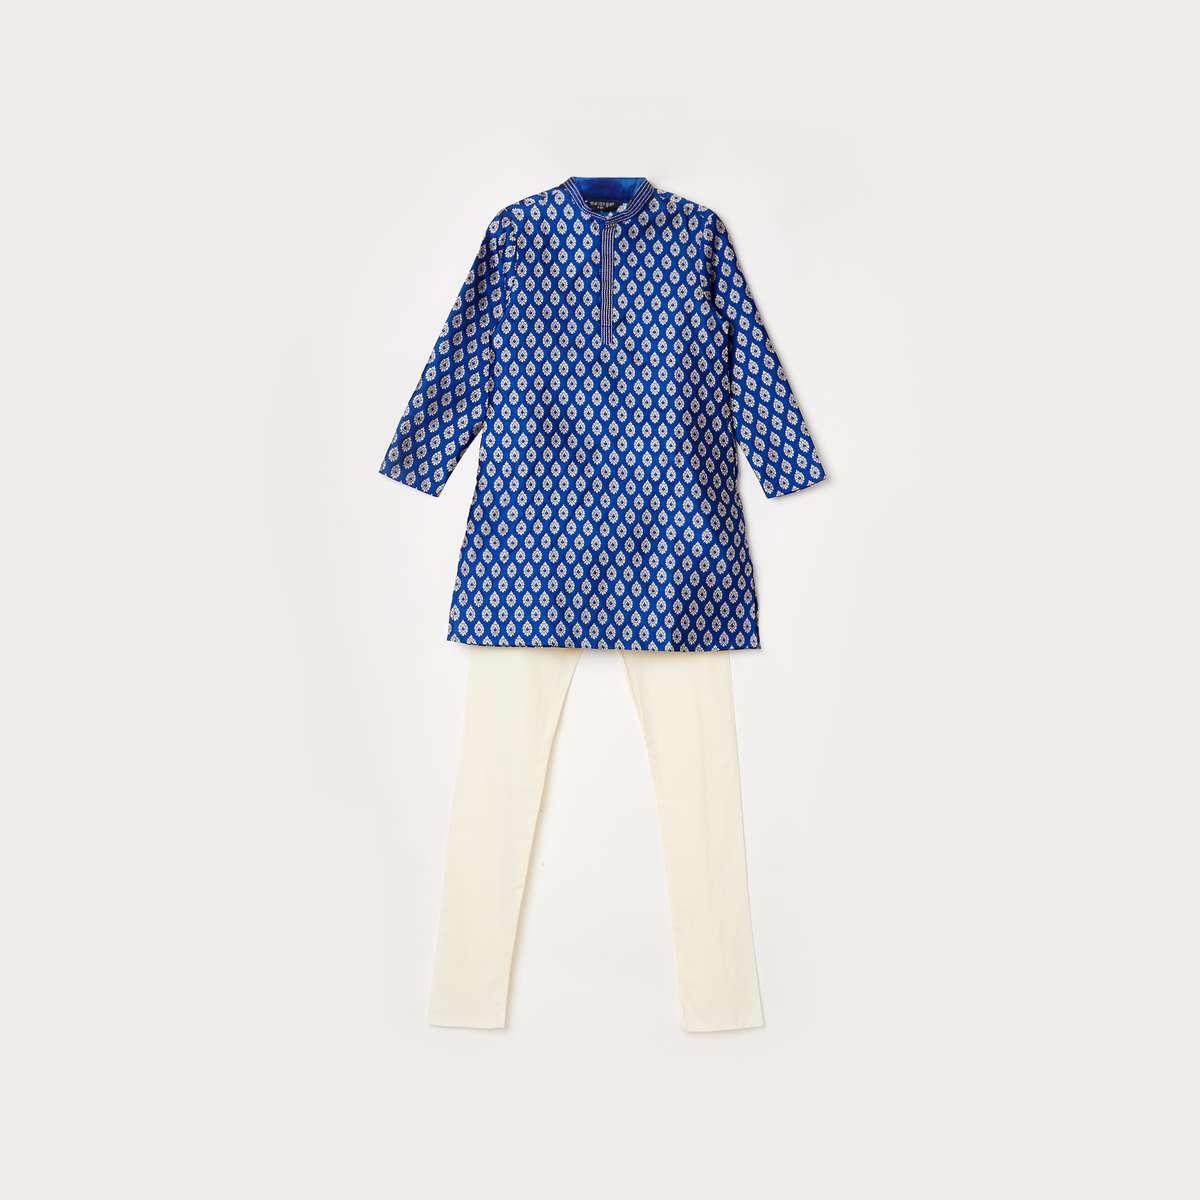 4.MELANGE Printed Kurta with Solid Pyjamas